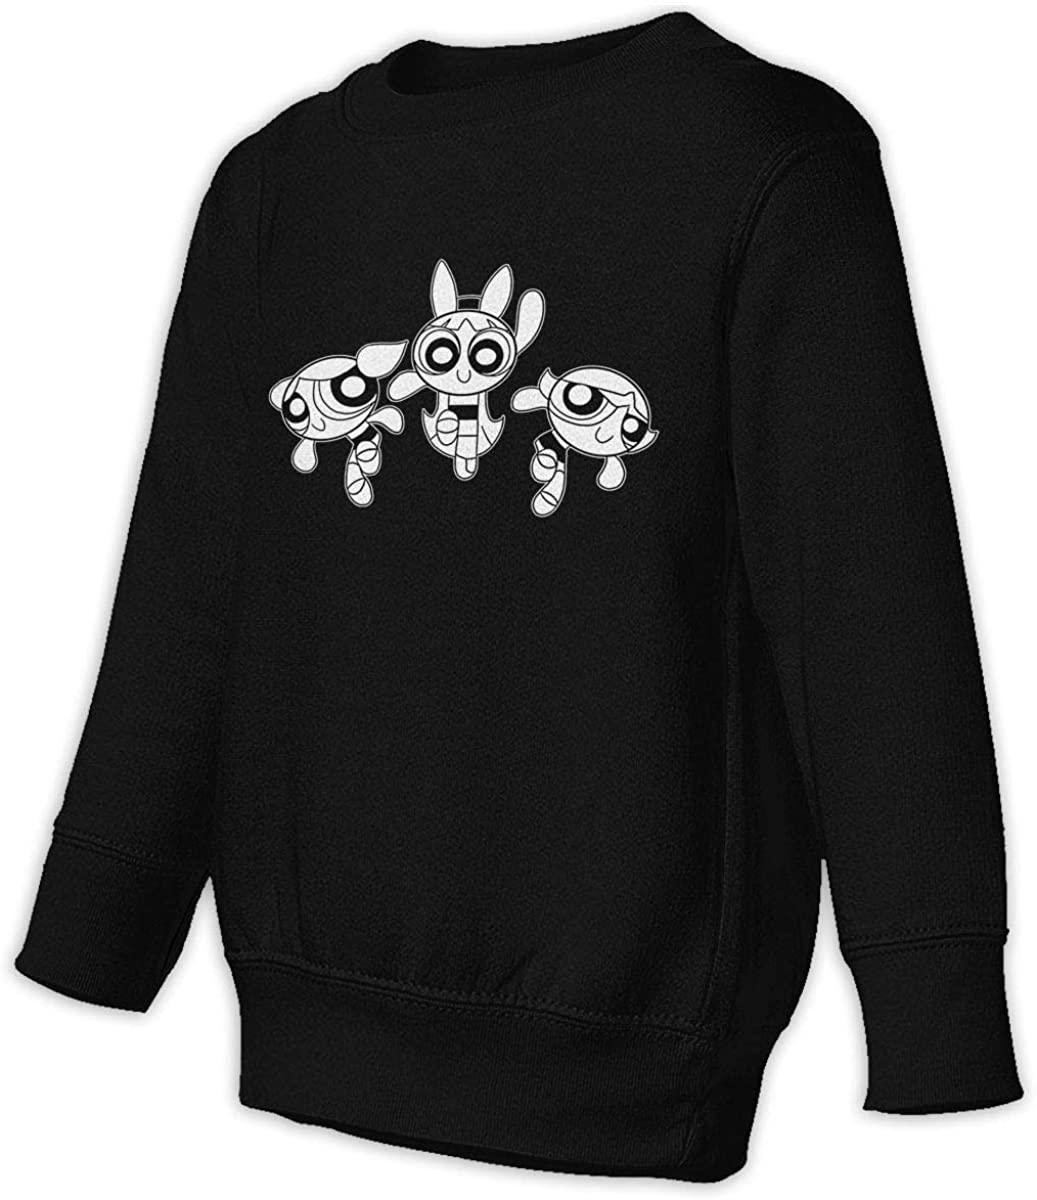 KisdFinda The Powerpuff Girls Black Children's Fashion Crew Neck Sweater Toddler Junior Sweatshirt Pullover